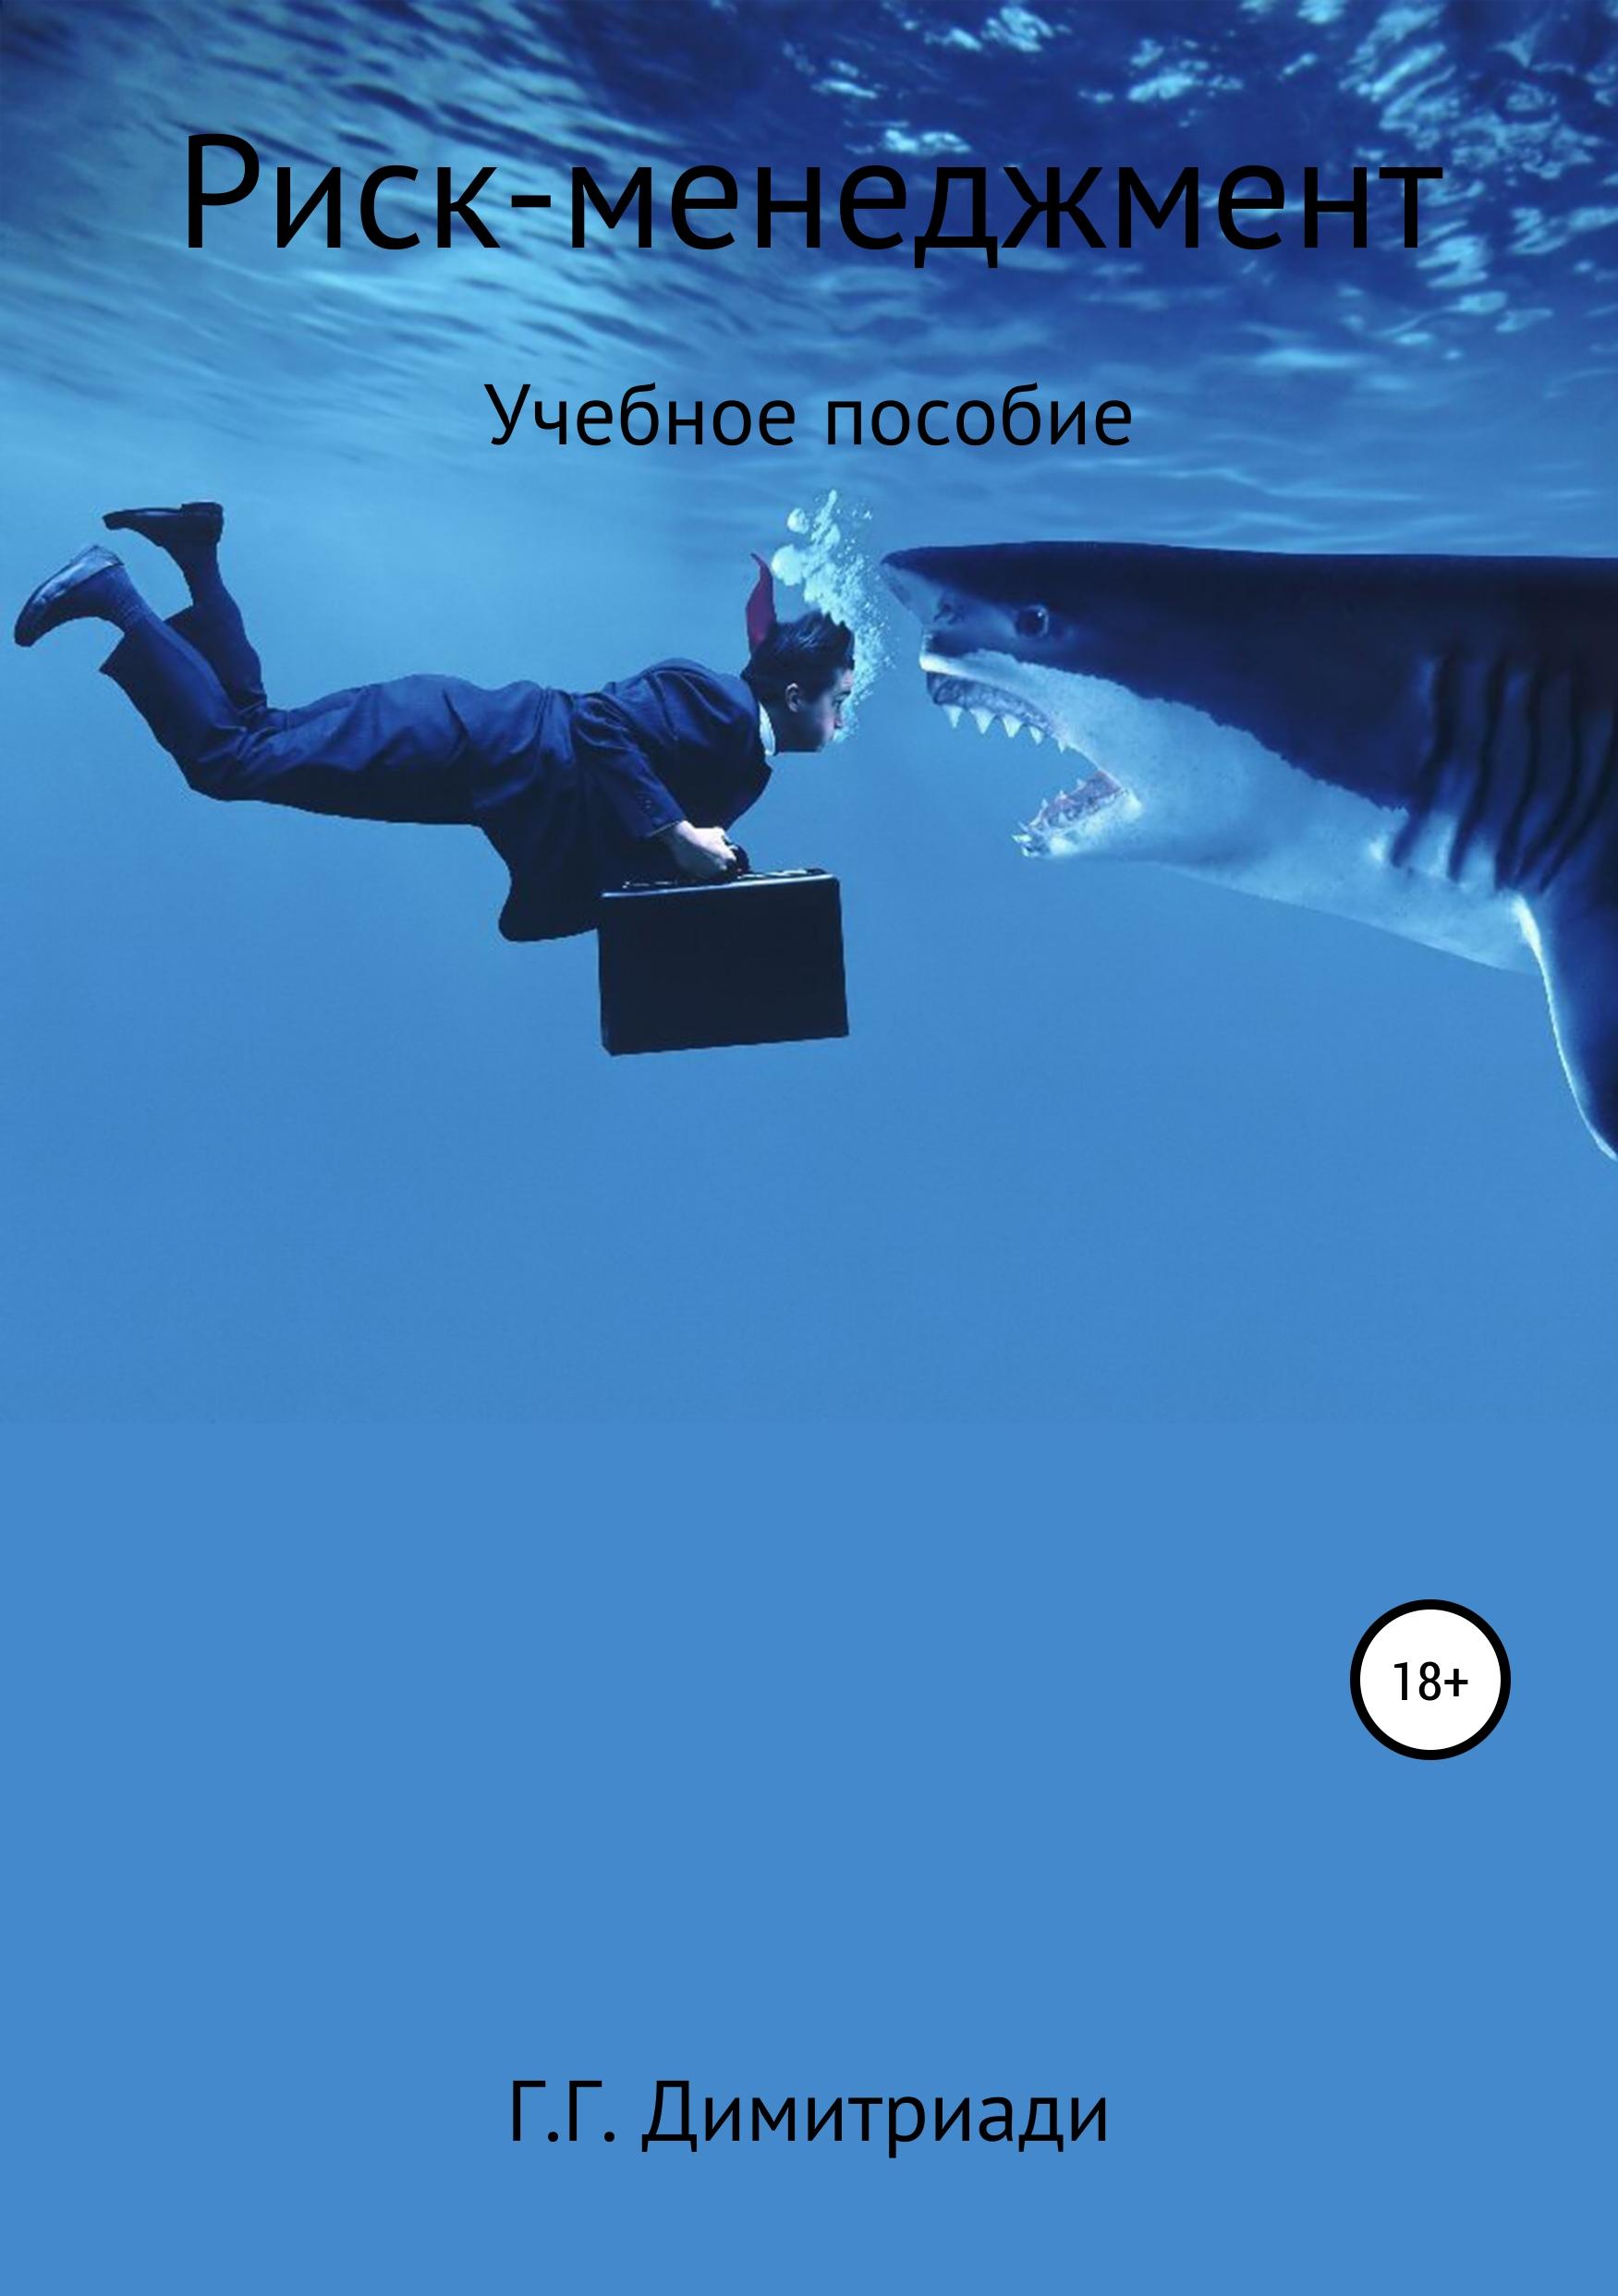 Обложка книги Риск-менеджмент. Учебное пособие